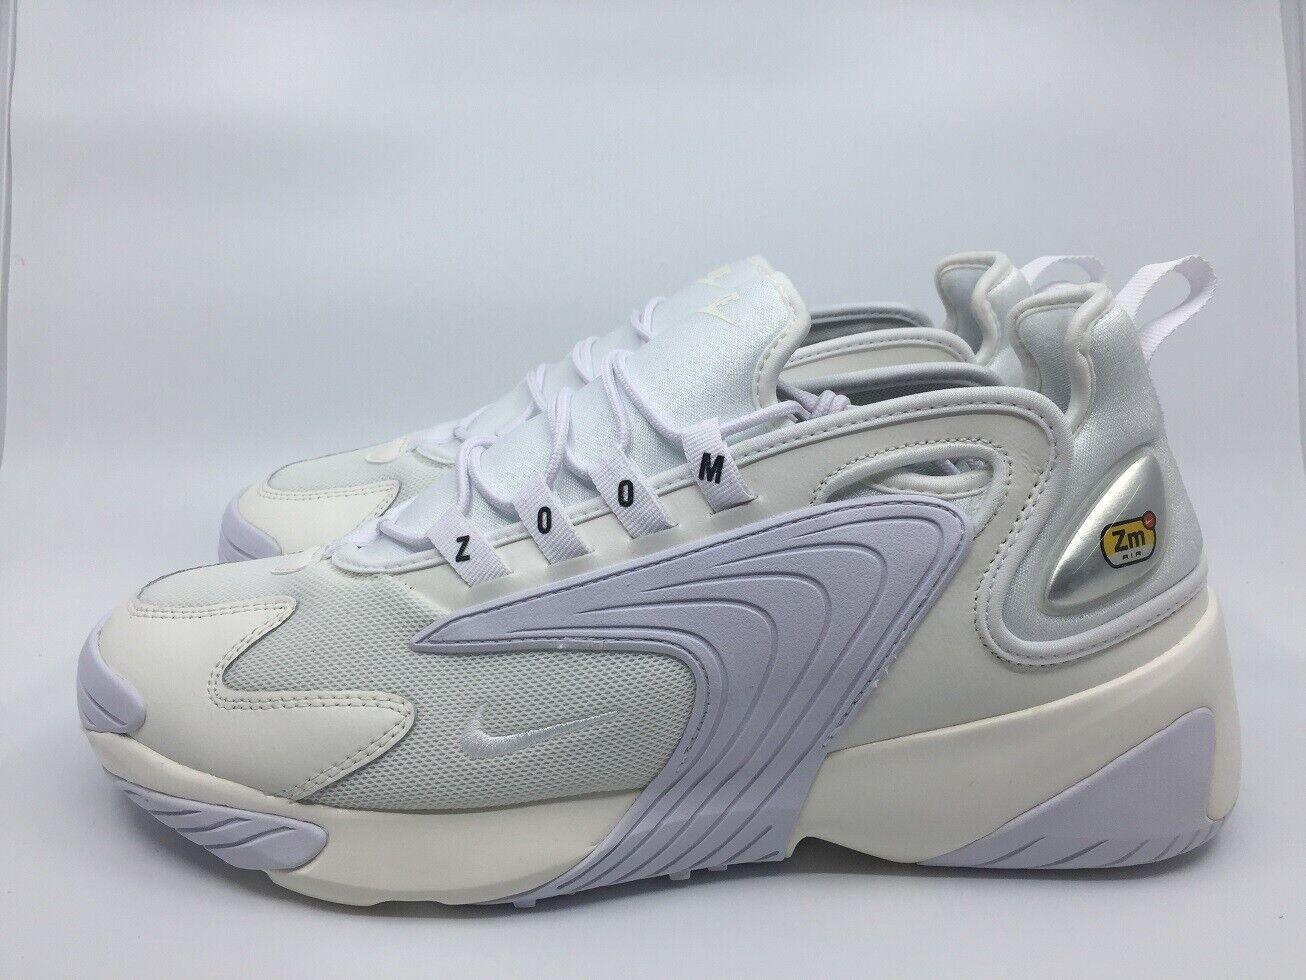 Nike Zoom 2K AO0269 100 Gr. 45,5 UK 10,5 sail Weiß schwarz Turnschuhe